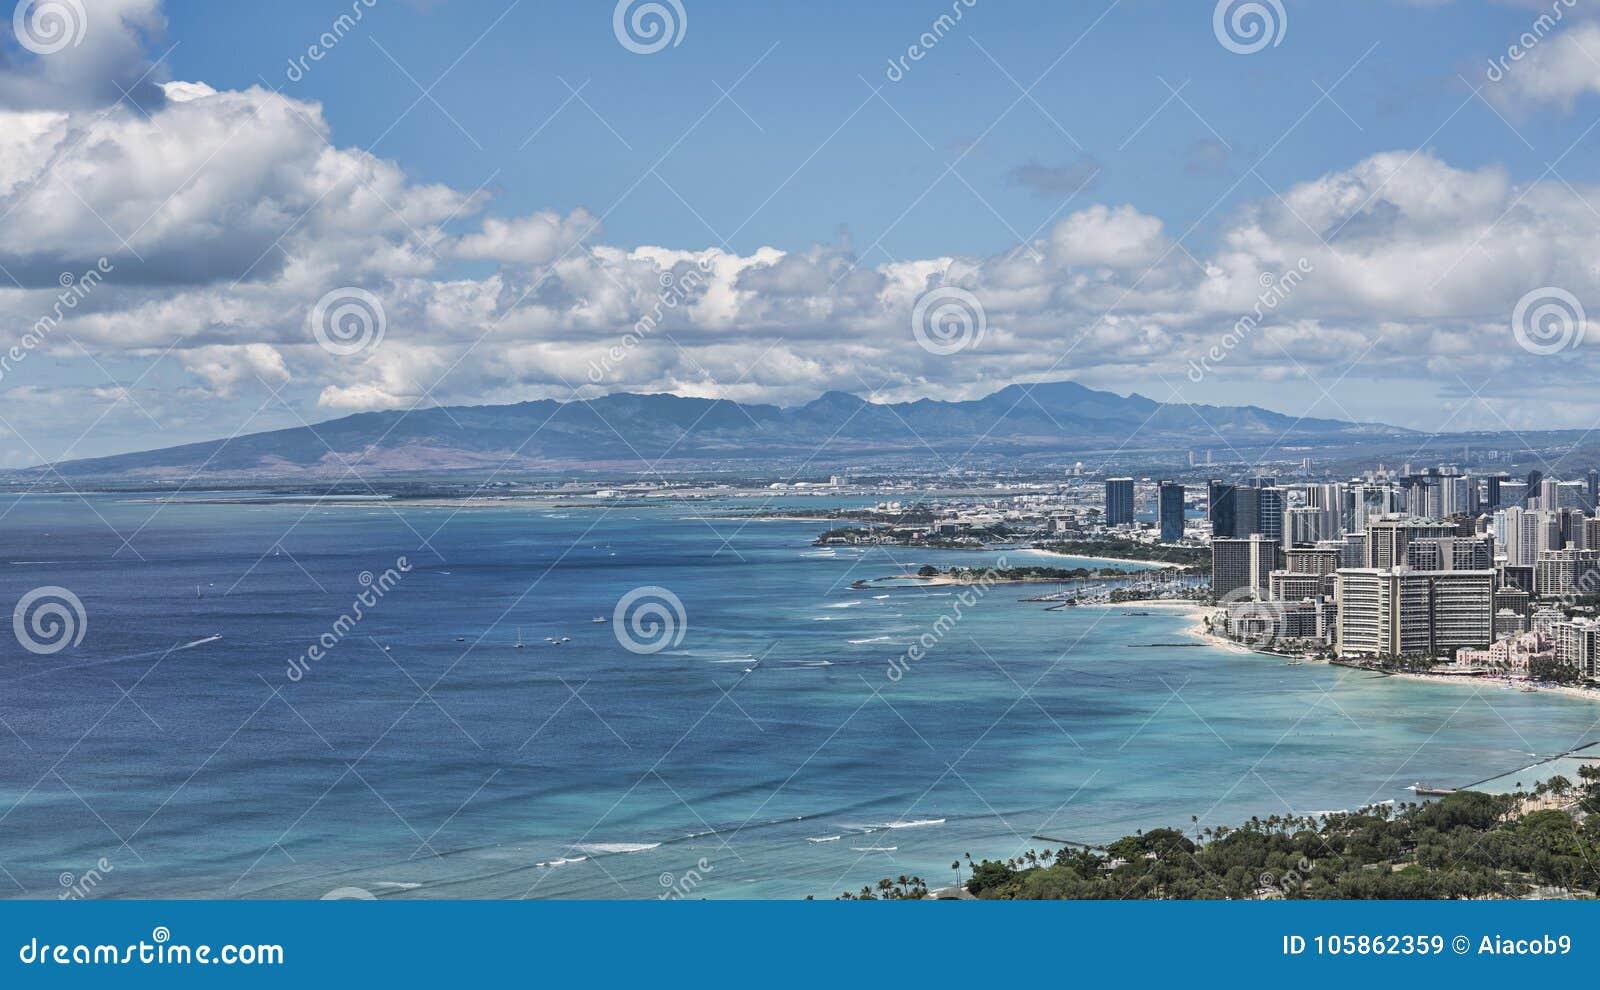 Πανοραμικά vistas από την επικεφαλής άποψη διαμαντιών δείχνουν προς την παραλία Waikiki, νησί της Χονολουλού, Oahu, Χαβάη, ΗΠΑ